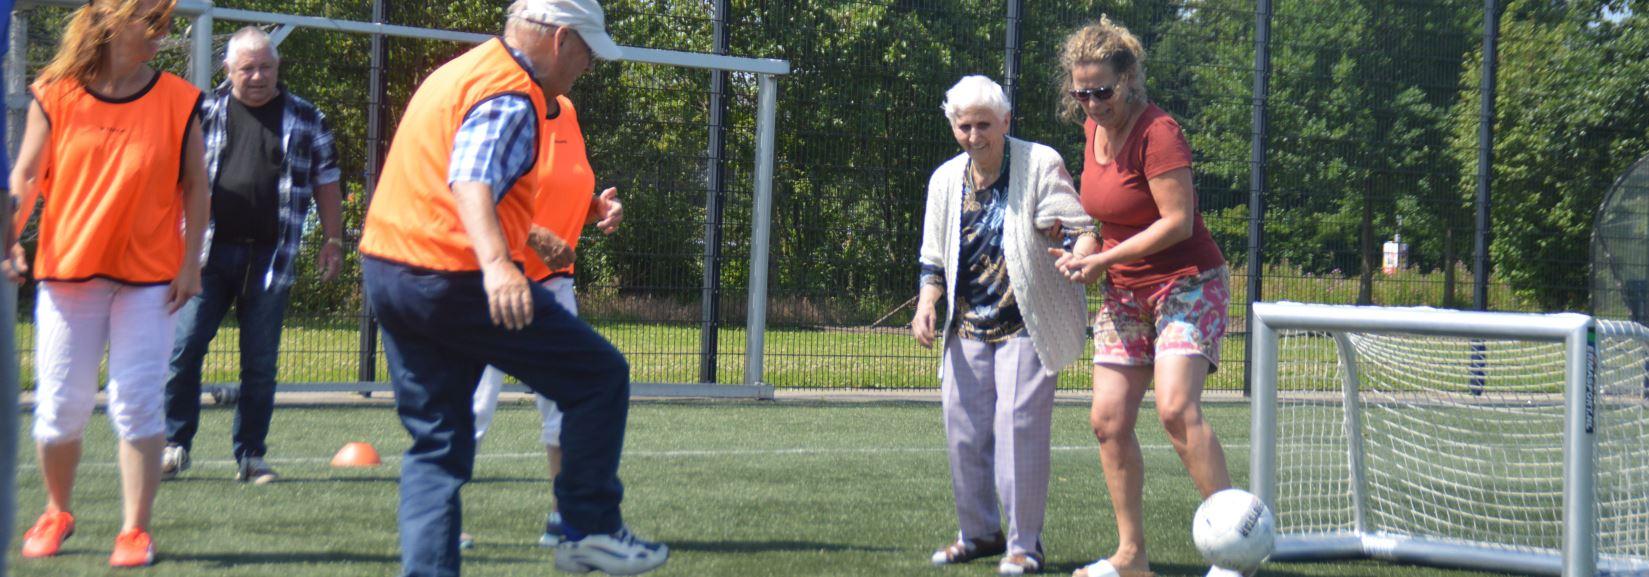 Sportclubs omarmen maatschappelijke projecten